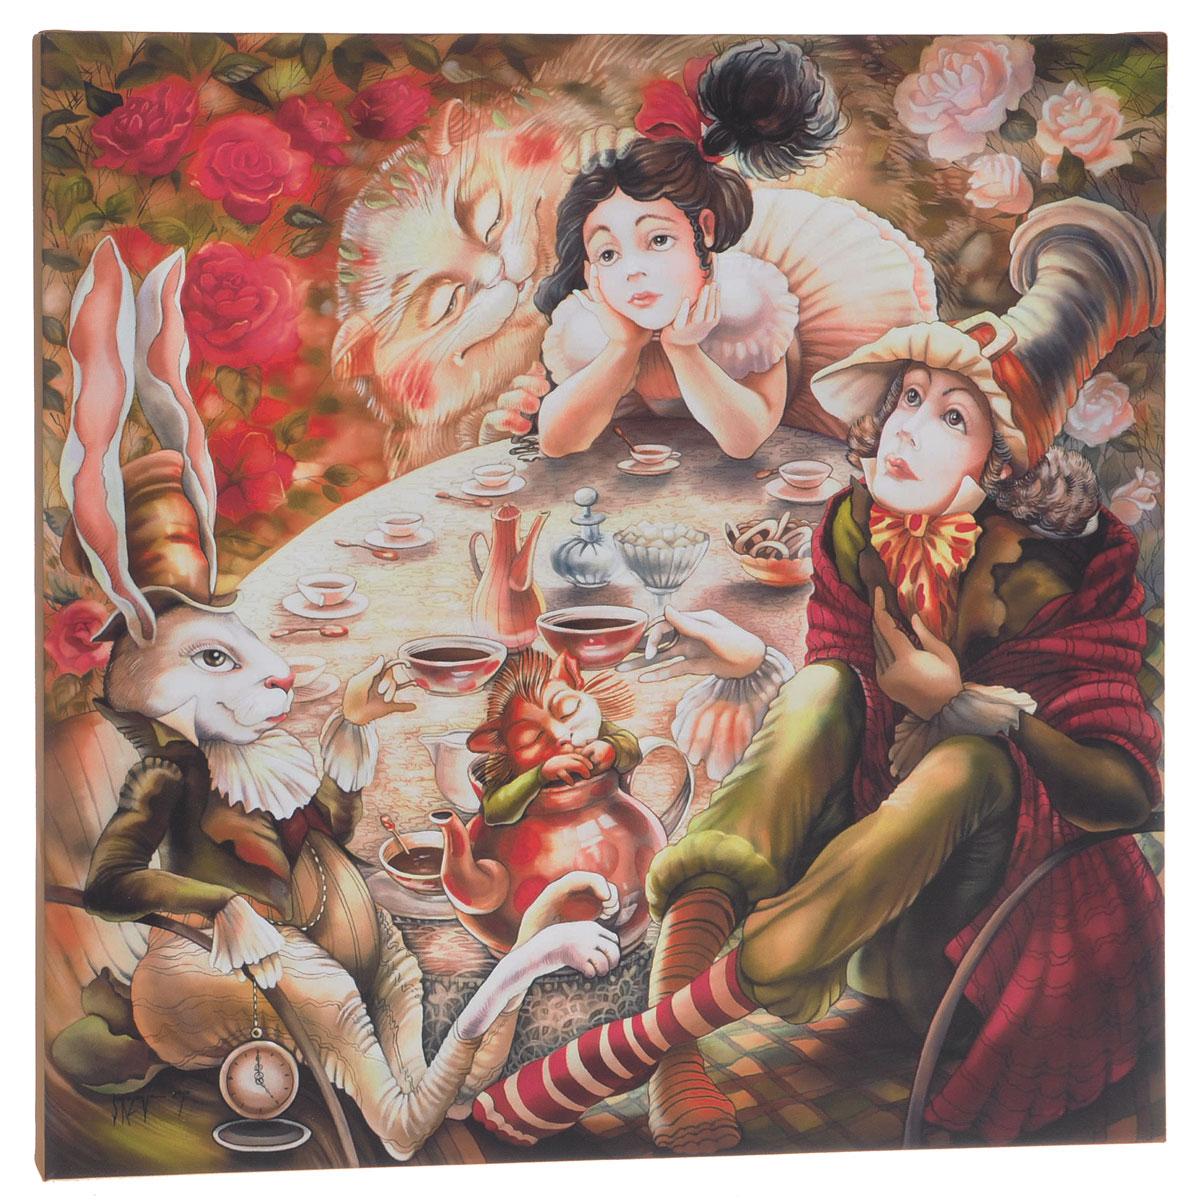 КвикДекор Картина детская АлисаAP-00785-00001-Cn4040Картина КвикДекор Алиса художника Надежды Соколовой дополнит обстановку интерьера яркими красками и необычным оформлением. Изделие представляет собой картину с латексной печатью на натуральном хлопчатобумажном холсте. Галерейная натяжка на деревянный подрамник выполнена очень аккуратно, а боковые части картины запечатаны тоновой заливкой. Обратная сторона подрамника содержит отверстие, благодаря которому картину можно легко закрепить на стене и подкорректировать ее положение. Художник картины Надежда Соколова родилась в 1973 году в городе Дрездене. В 1986-90 годах училась в Художественной школе города Новгорода. В 1995 году окончила с отличием рекламное отделение Новгородского училища культуры. В 2000 году защитила диплом на факультете Искусств и Технологий НовГУ имени Ярослава Мудрого. Выставляется с 1996 года. Работает в техниках: живопись, графика, батик, лаковая миниатюра, авторская кукла. Является автором оригинального стиля в миниатюре. Картина Алиса - это...